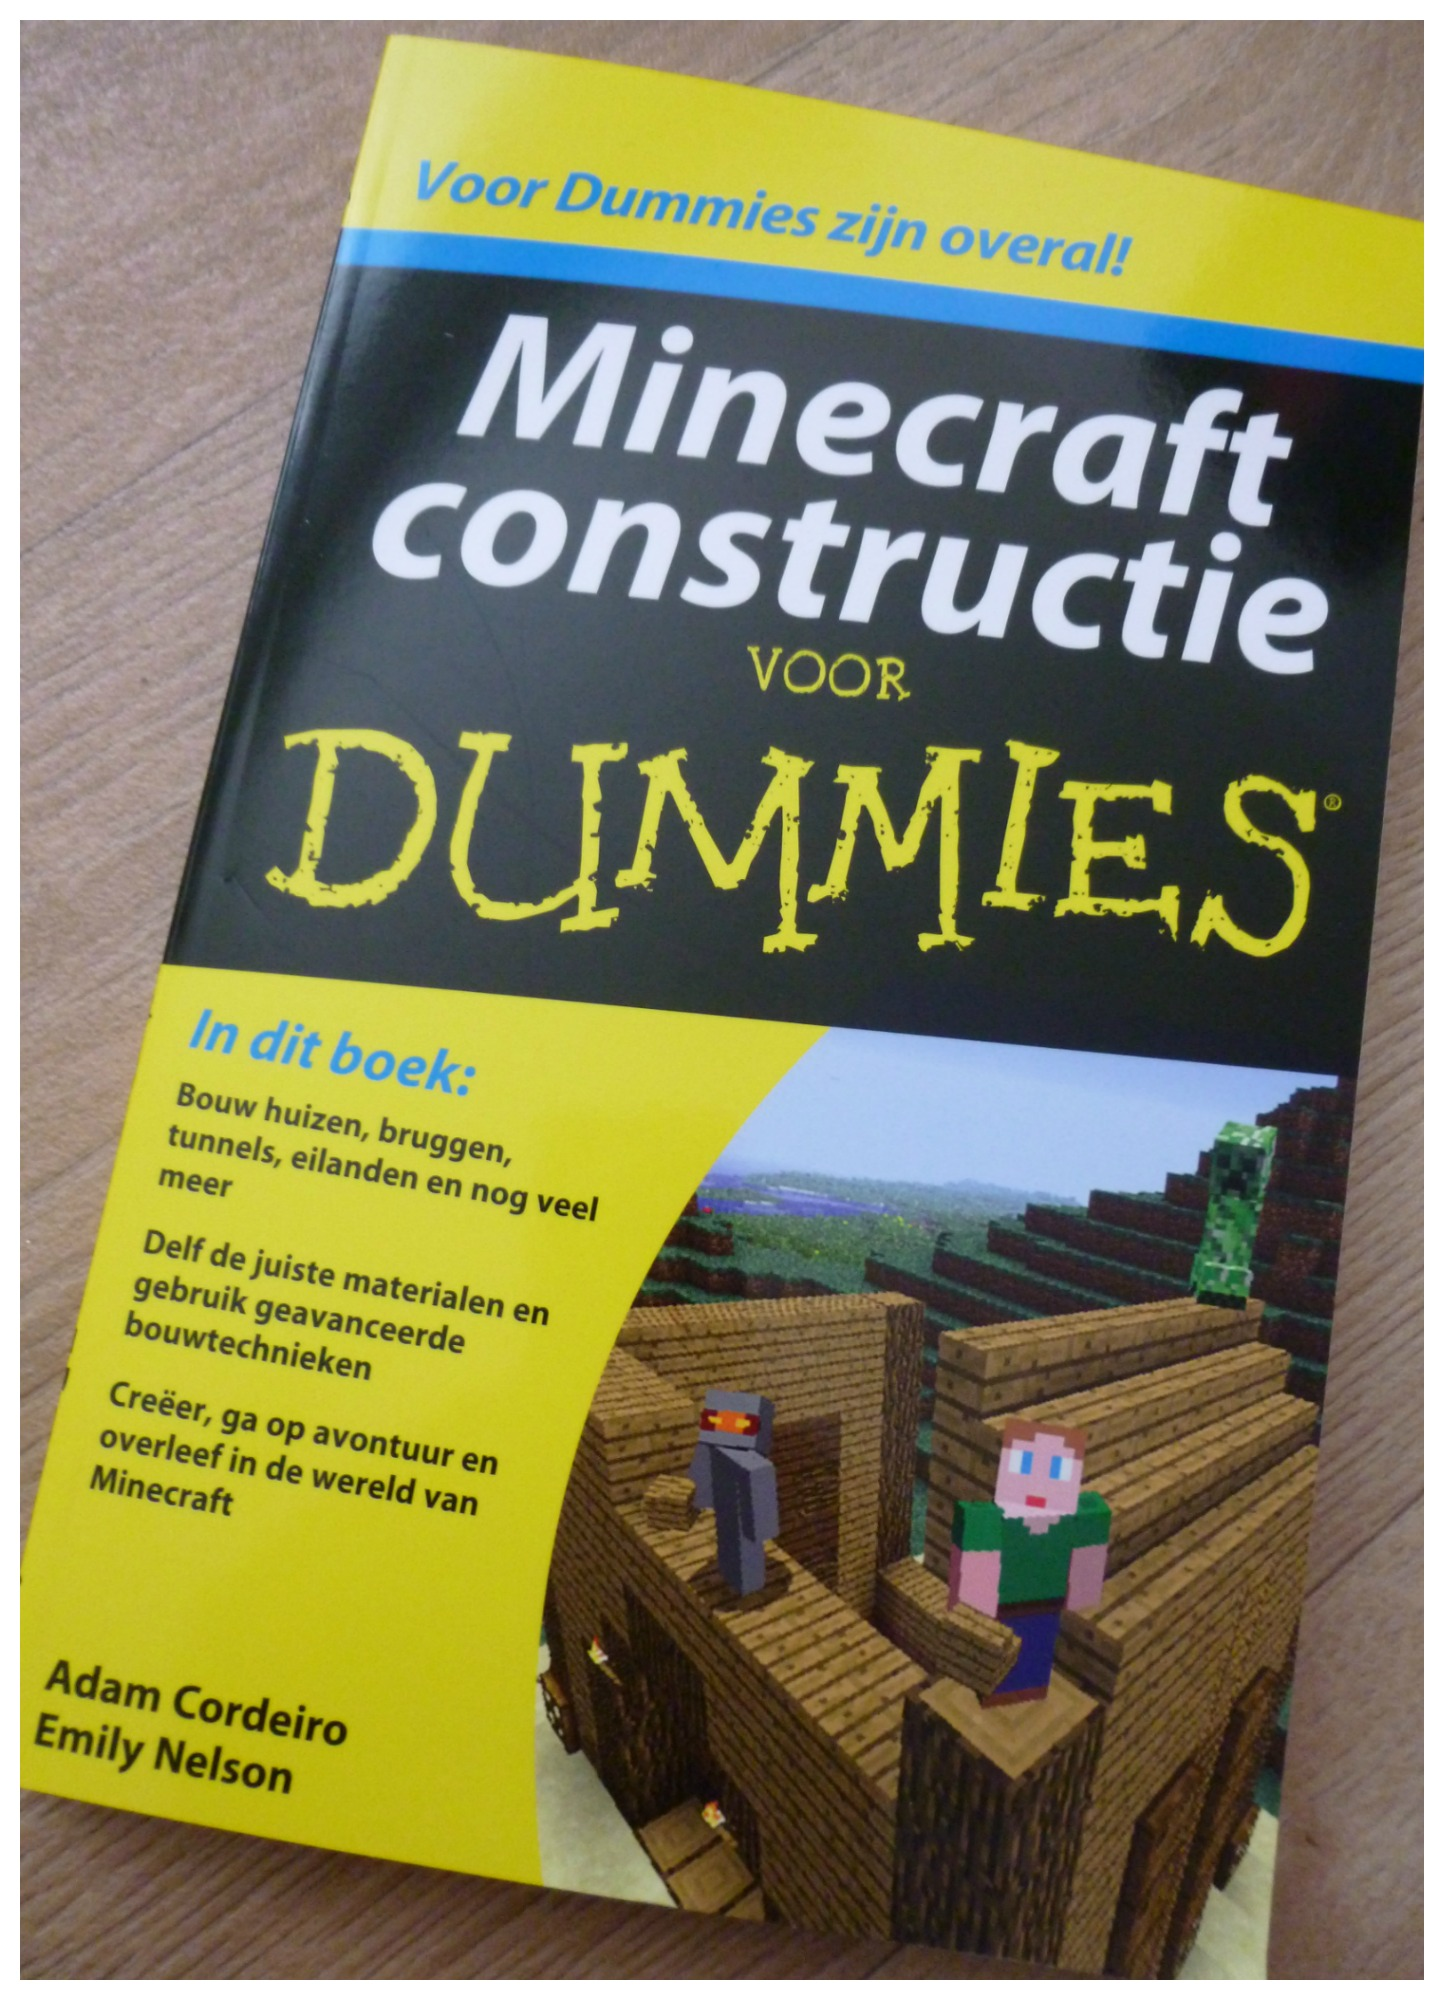 Minecraft constructies voor Dummies [recensie]